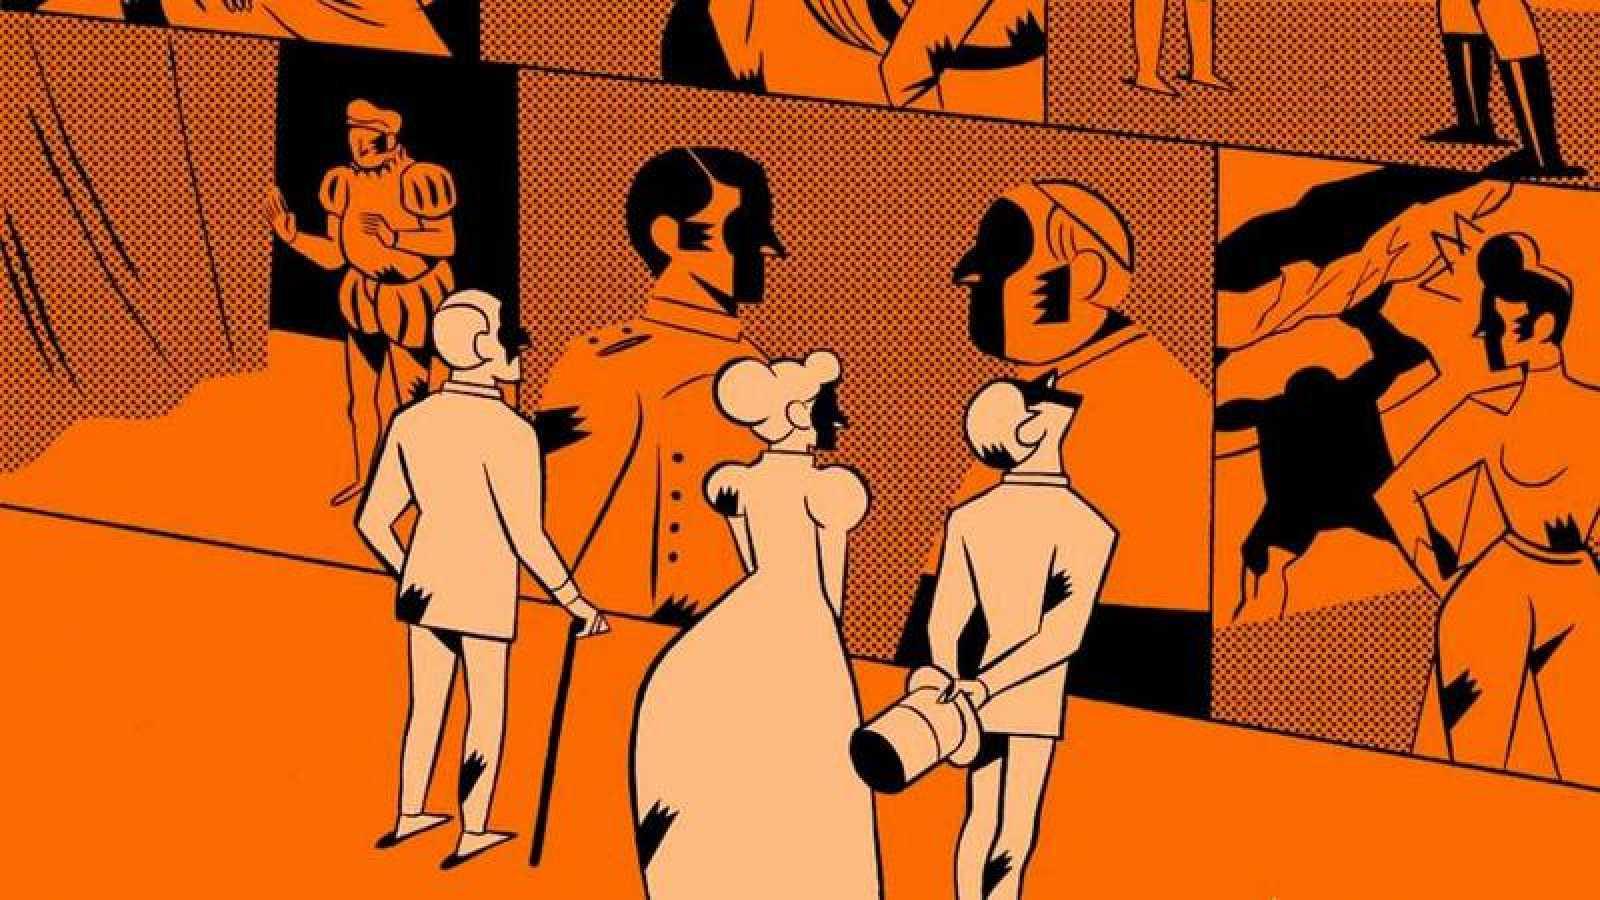 Fragmento de la portada de 'Cómic, arquitectura narrativa'